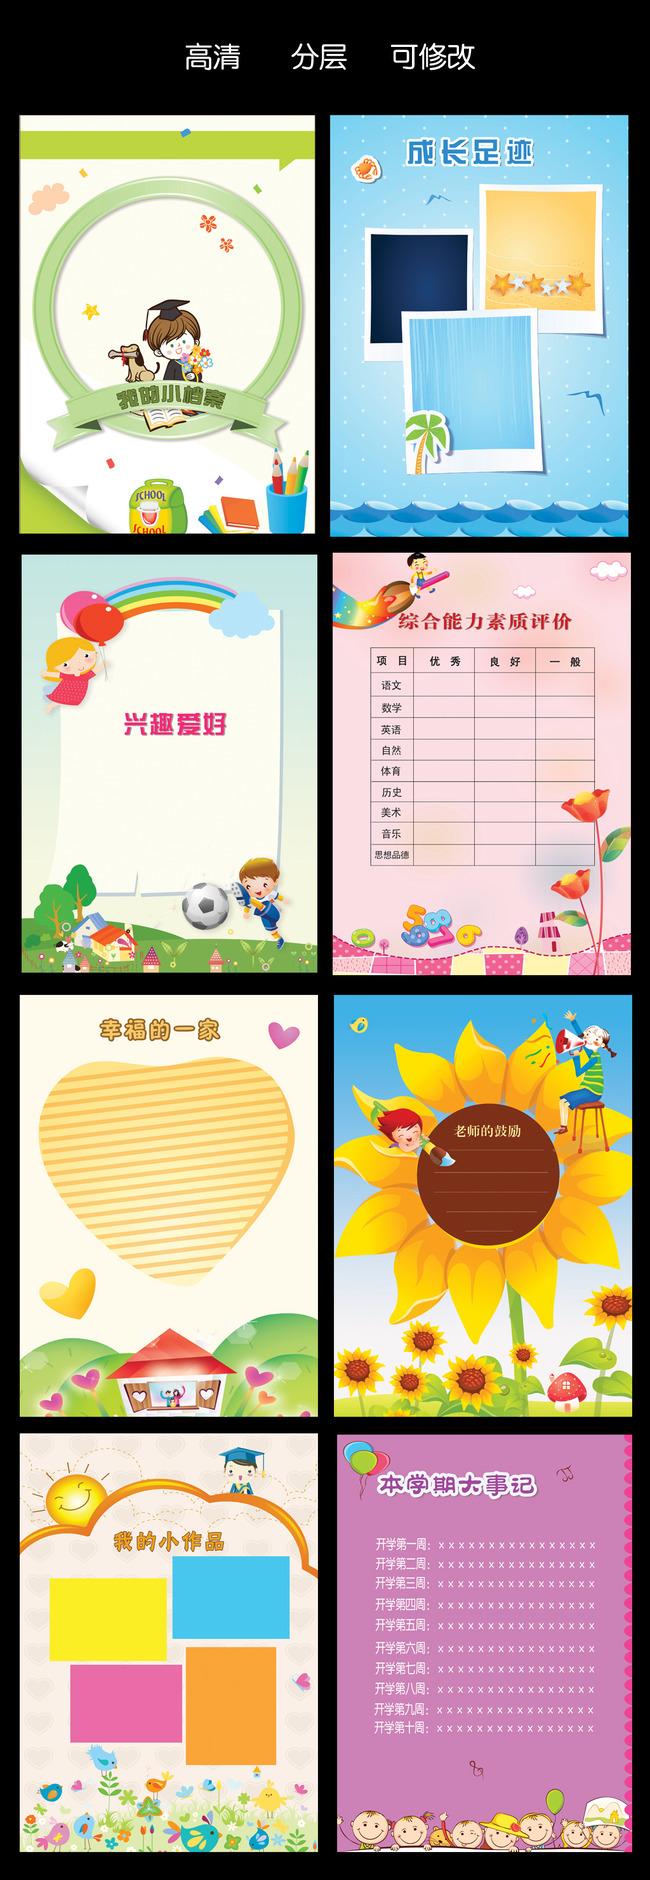 【psd】a4小学生幼儿园成长档案成长手册模板